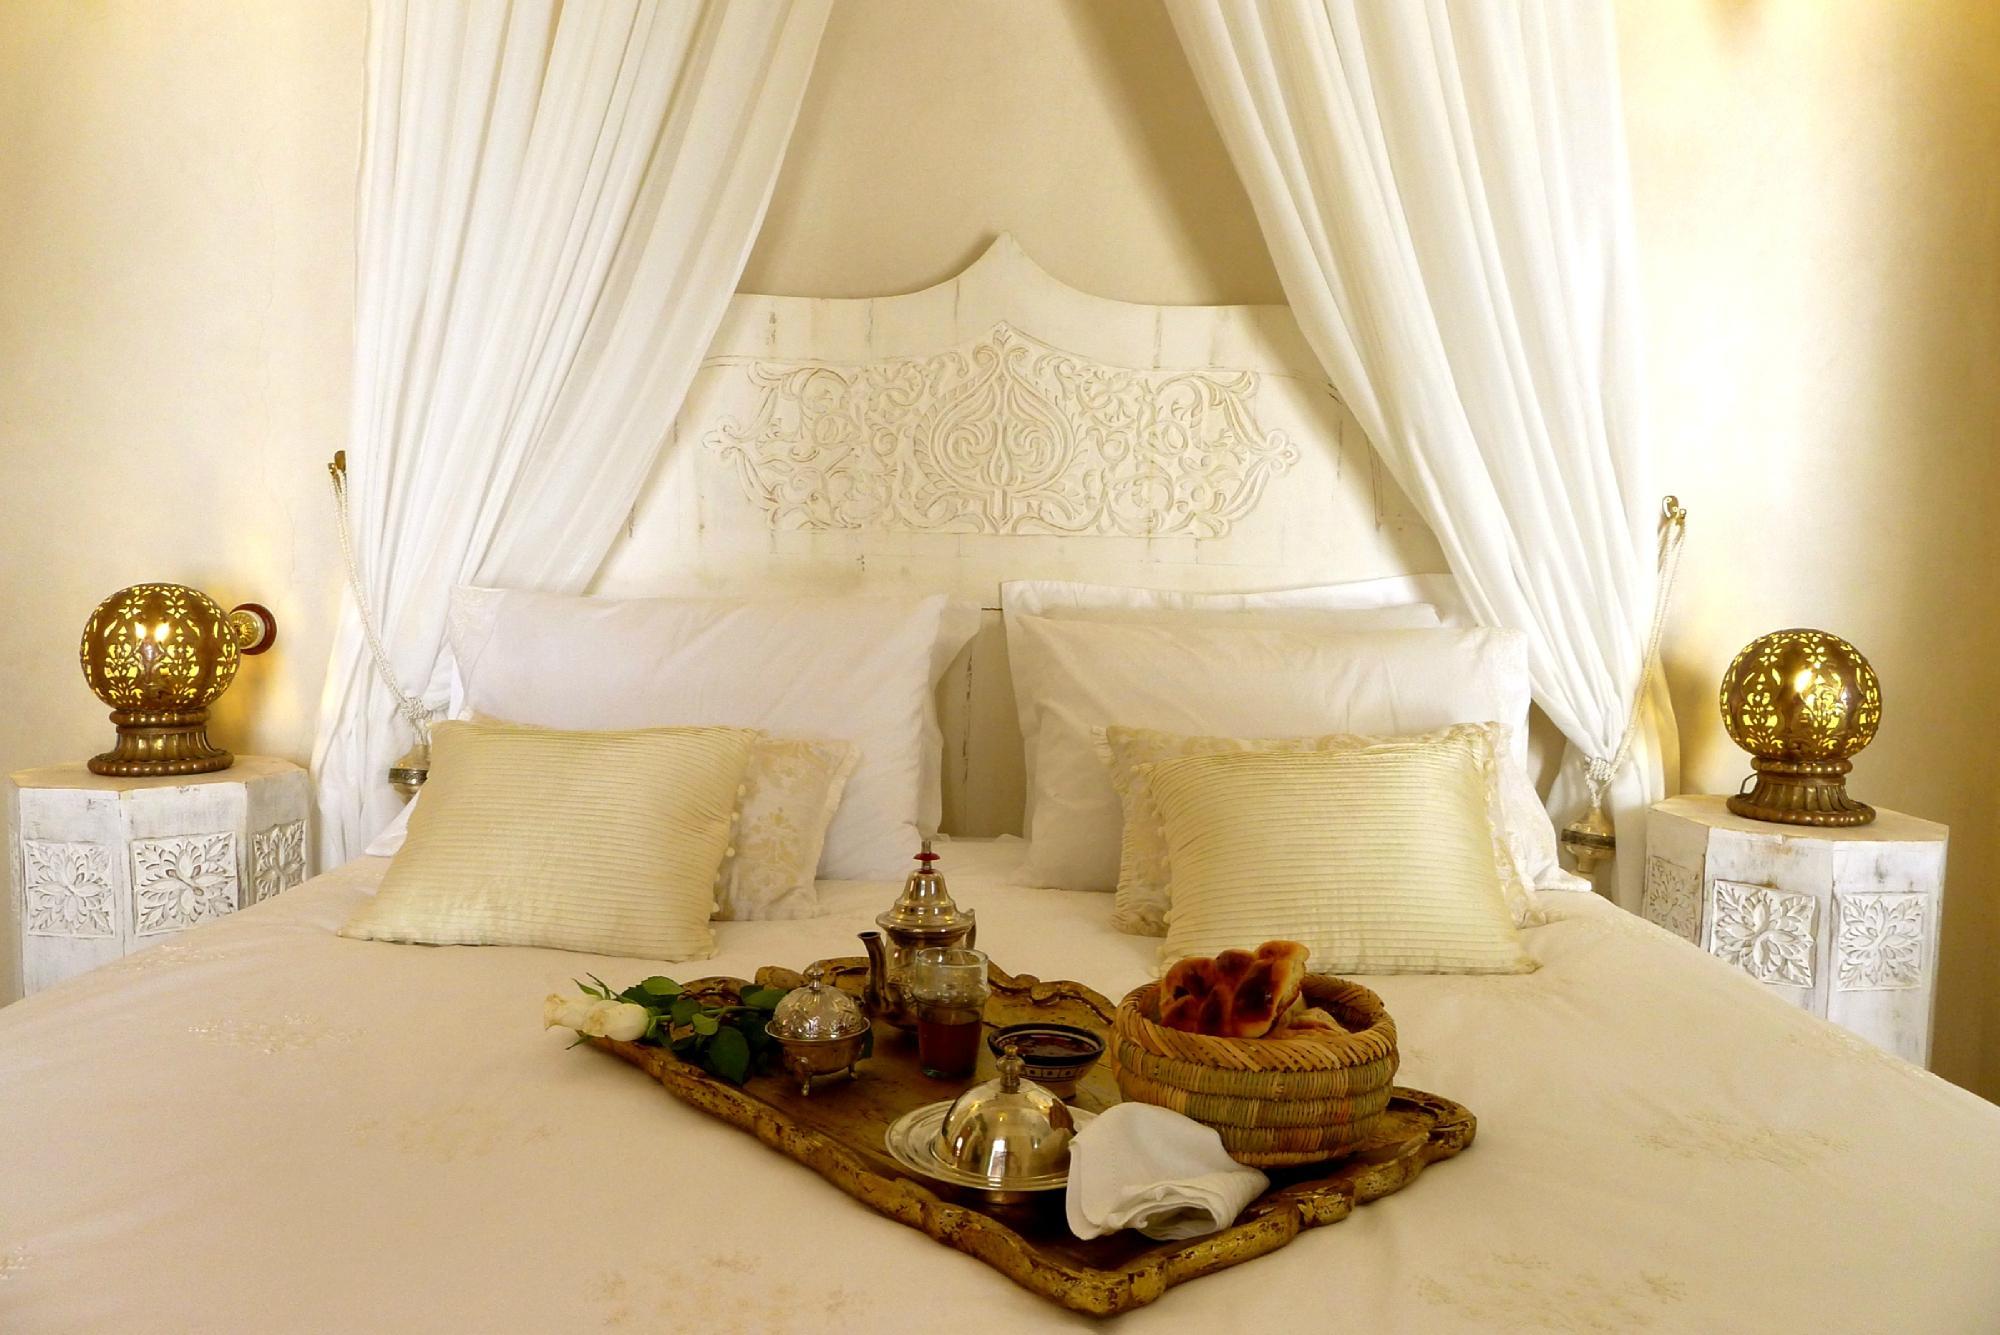 marrakech-room-1.jpg